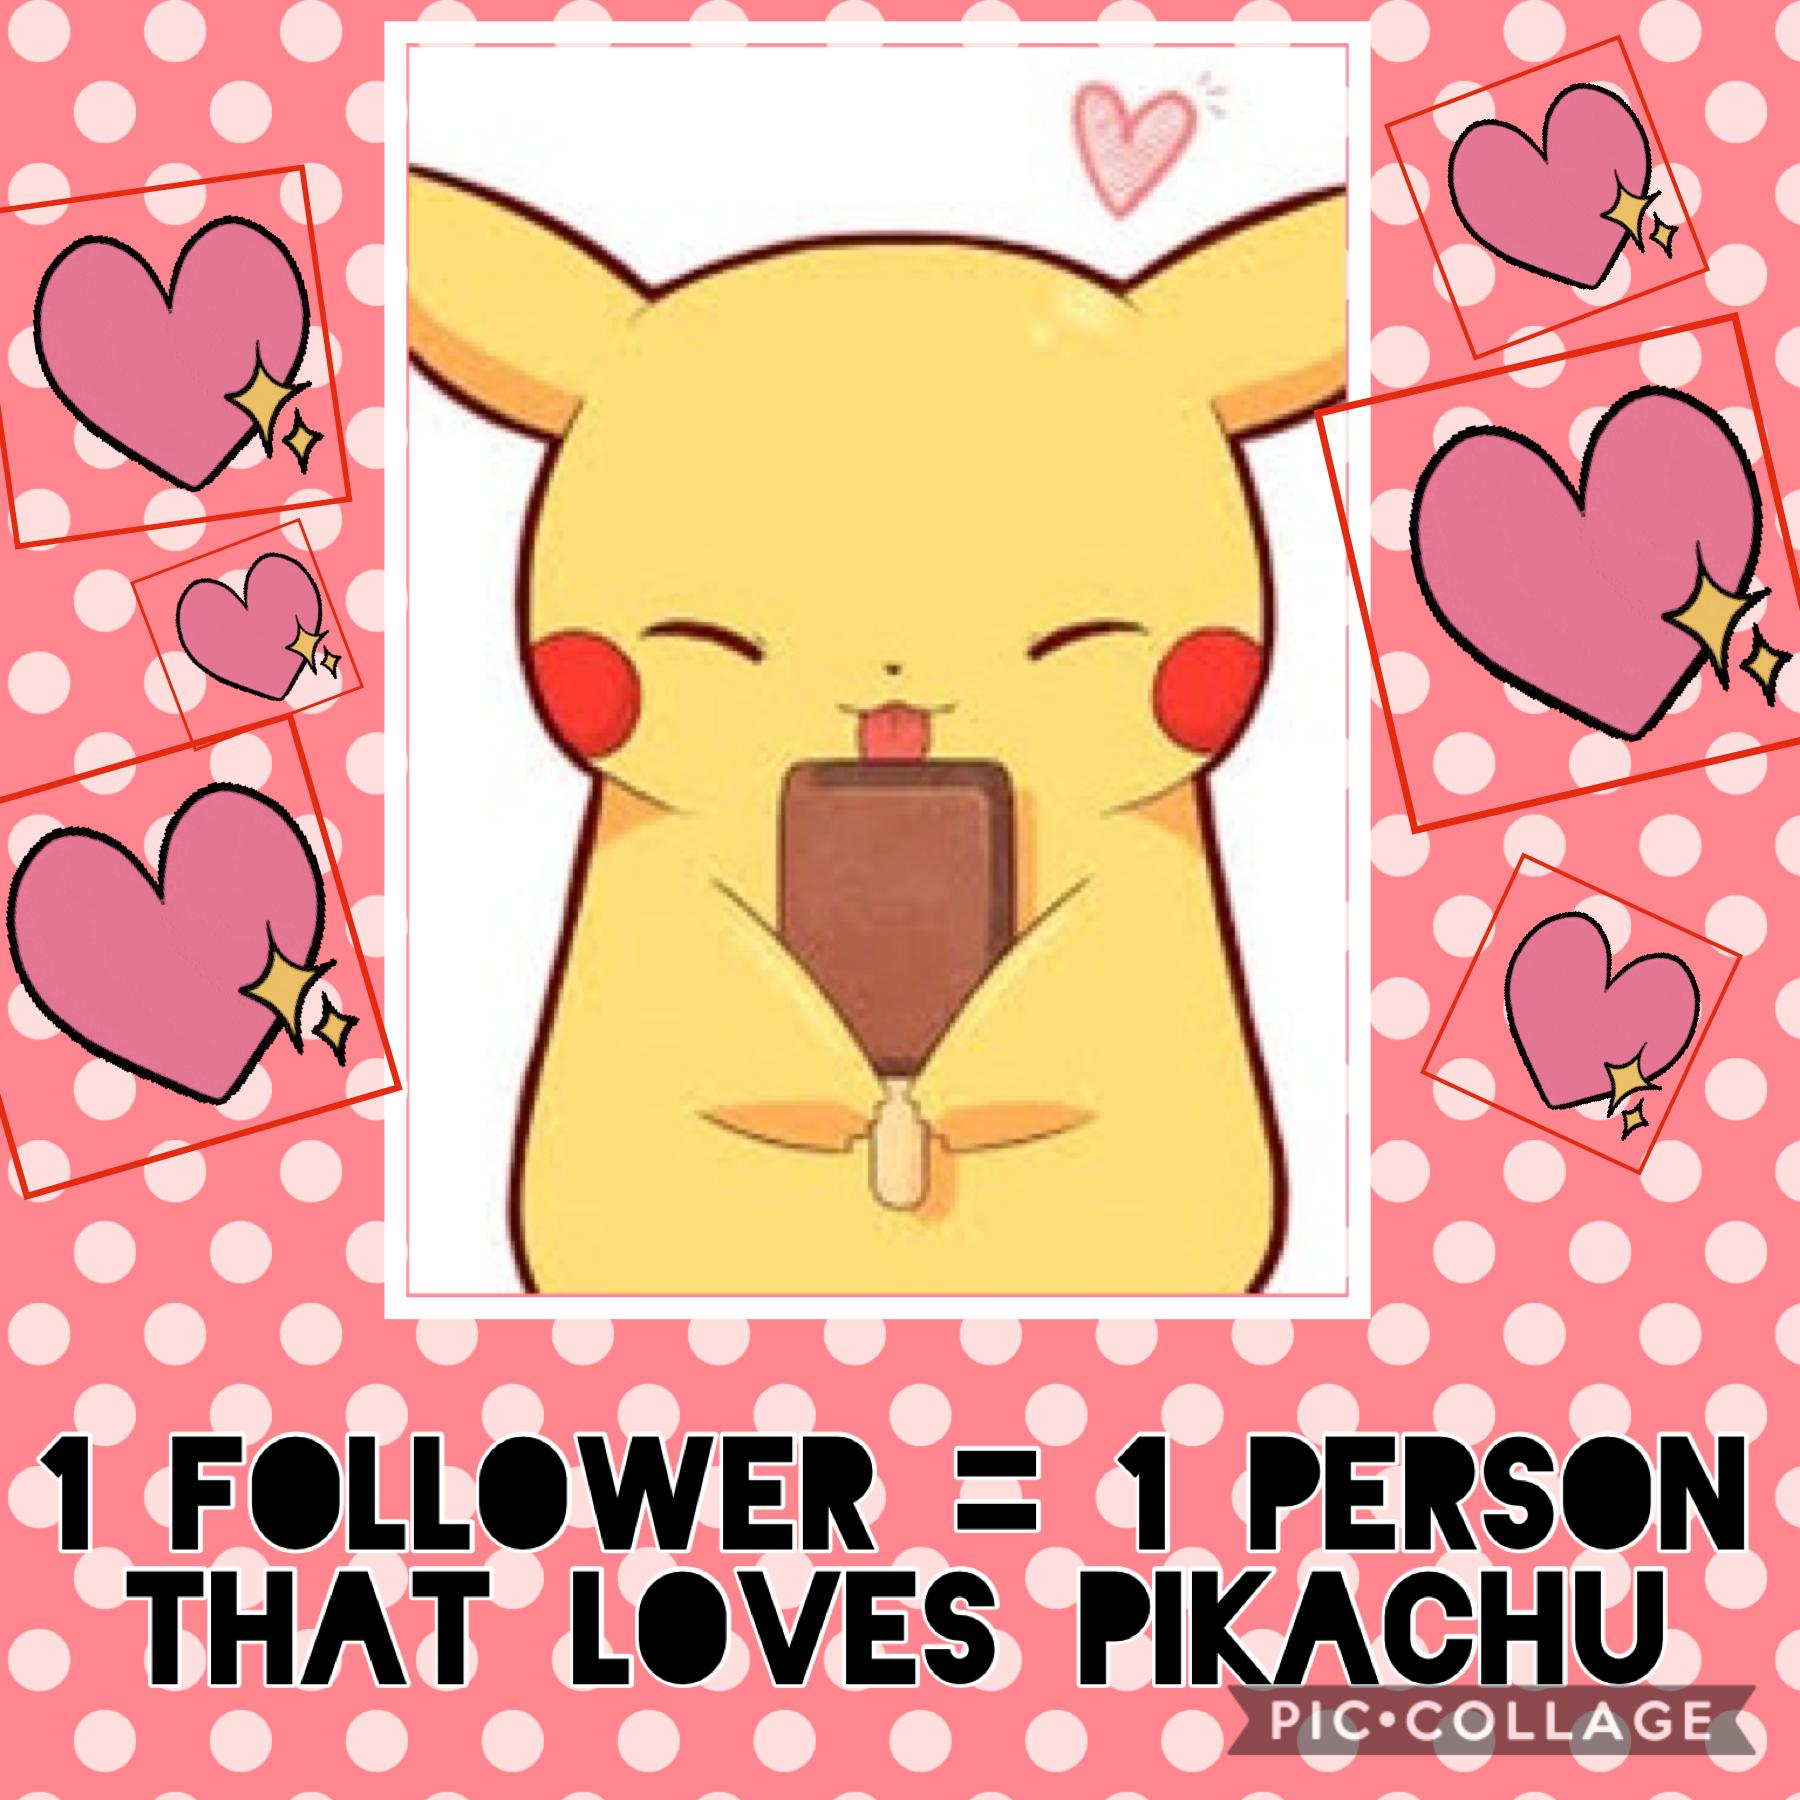 ⚡️CLICK⚡️                                                   #TeamPikachu #PikachuProject